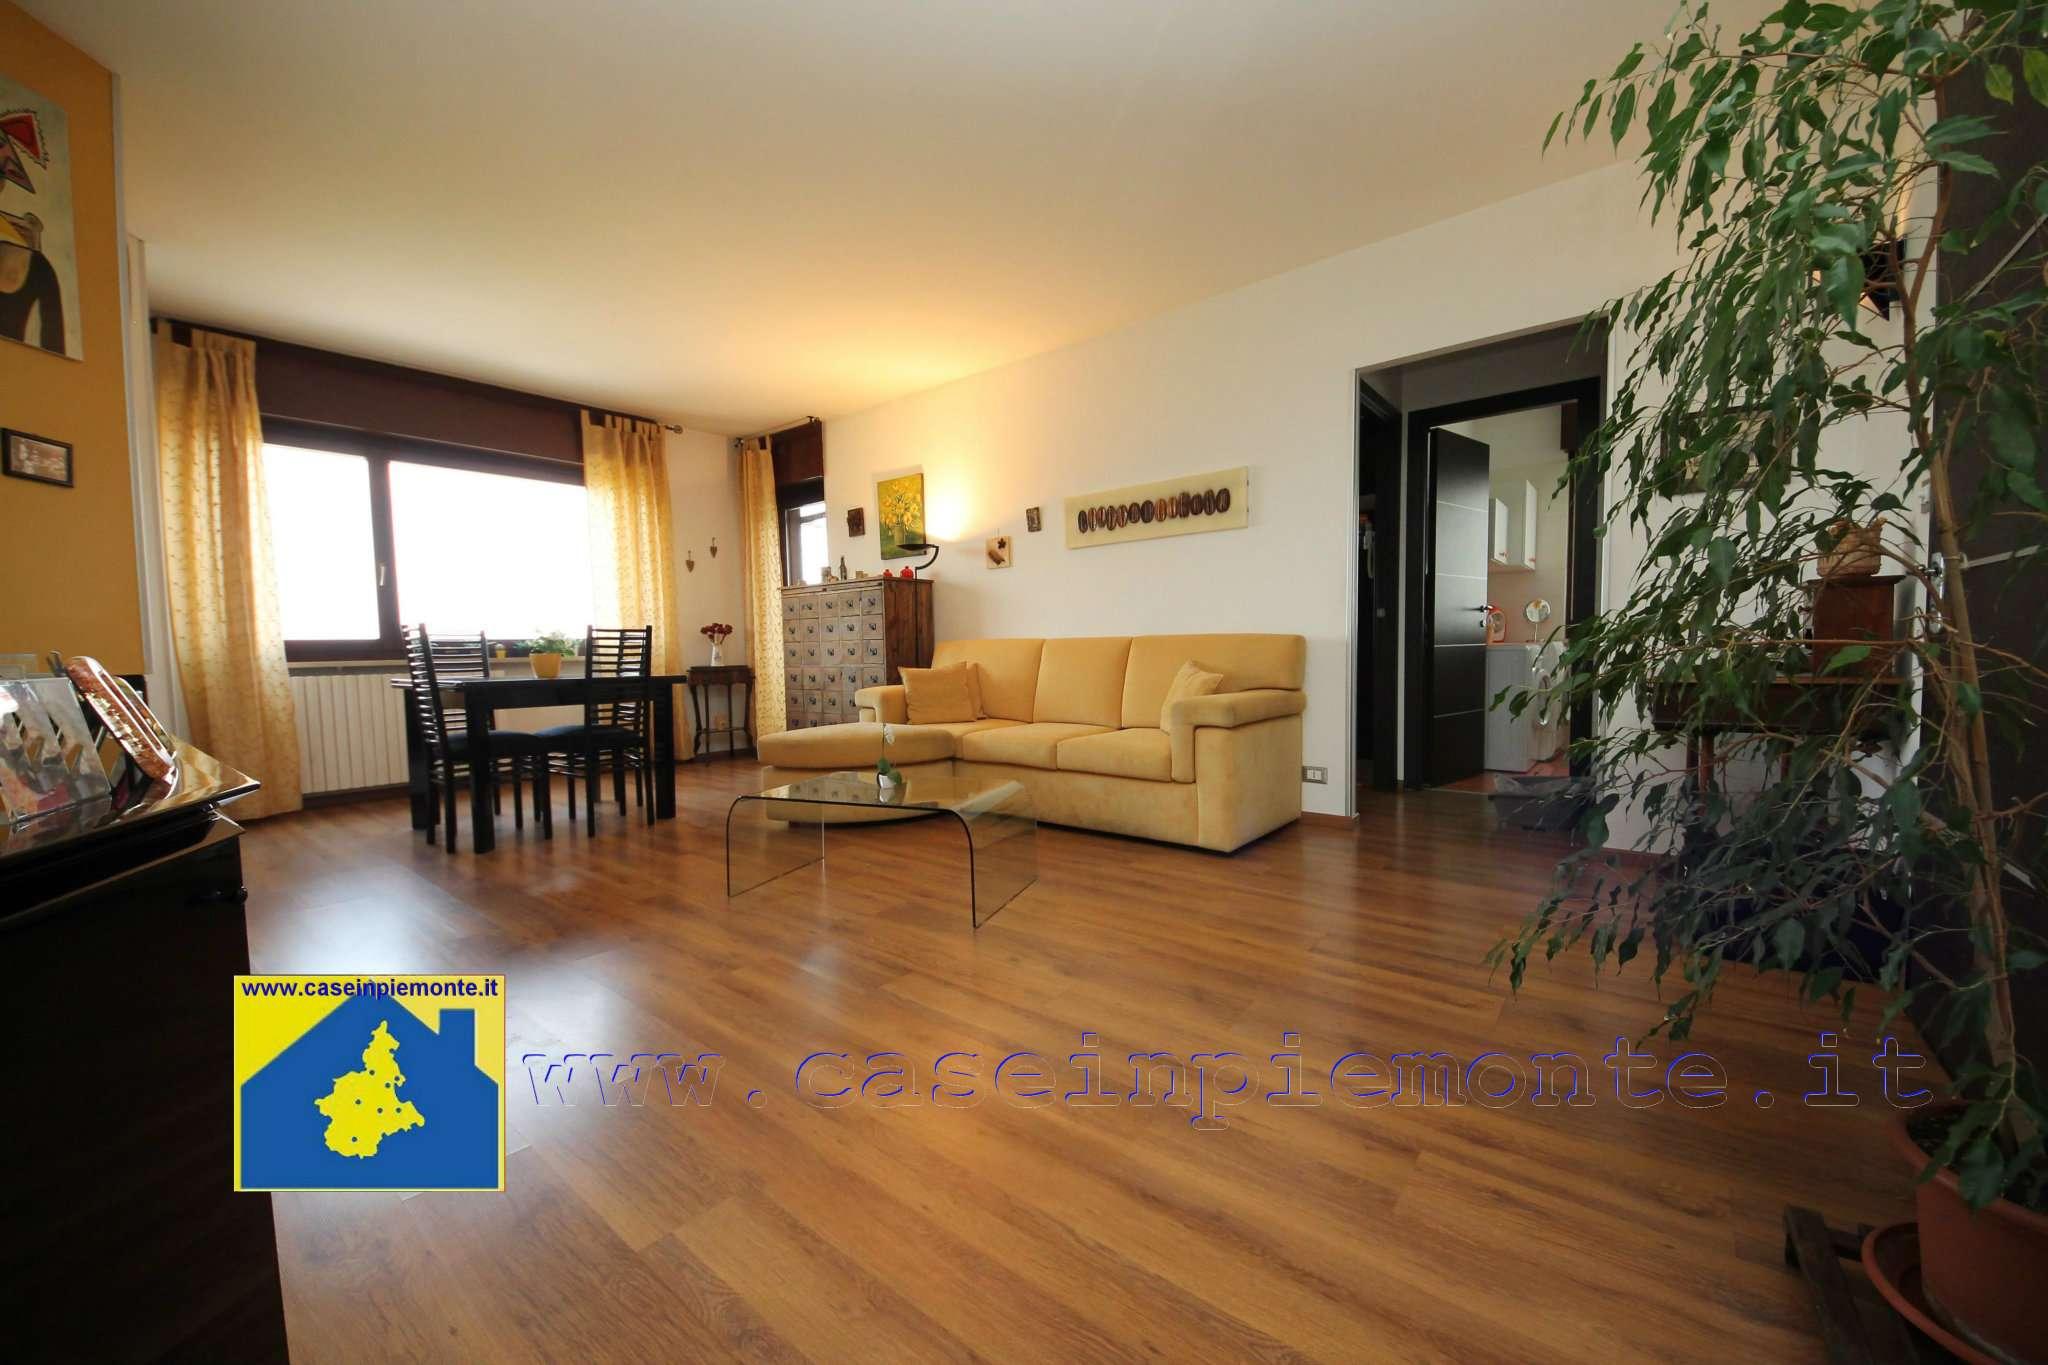 Foto 1 di Appartamento via Migliarone 25, Alpignano